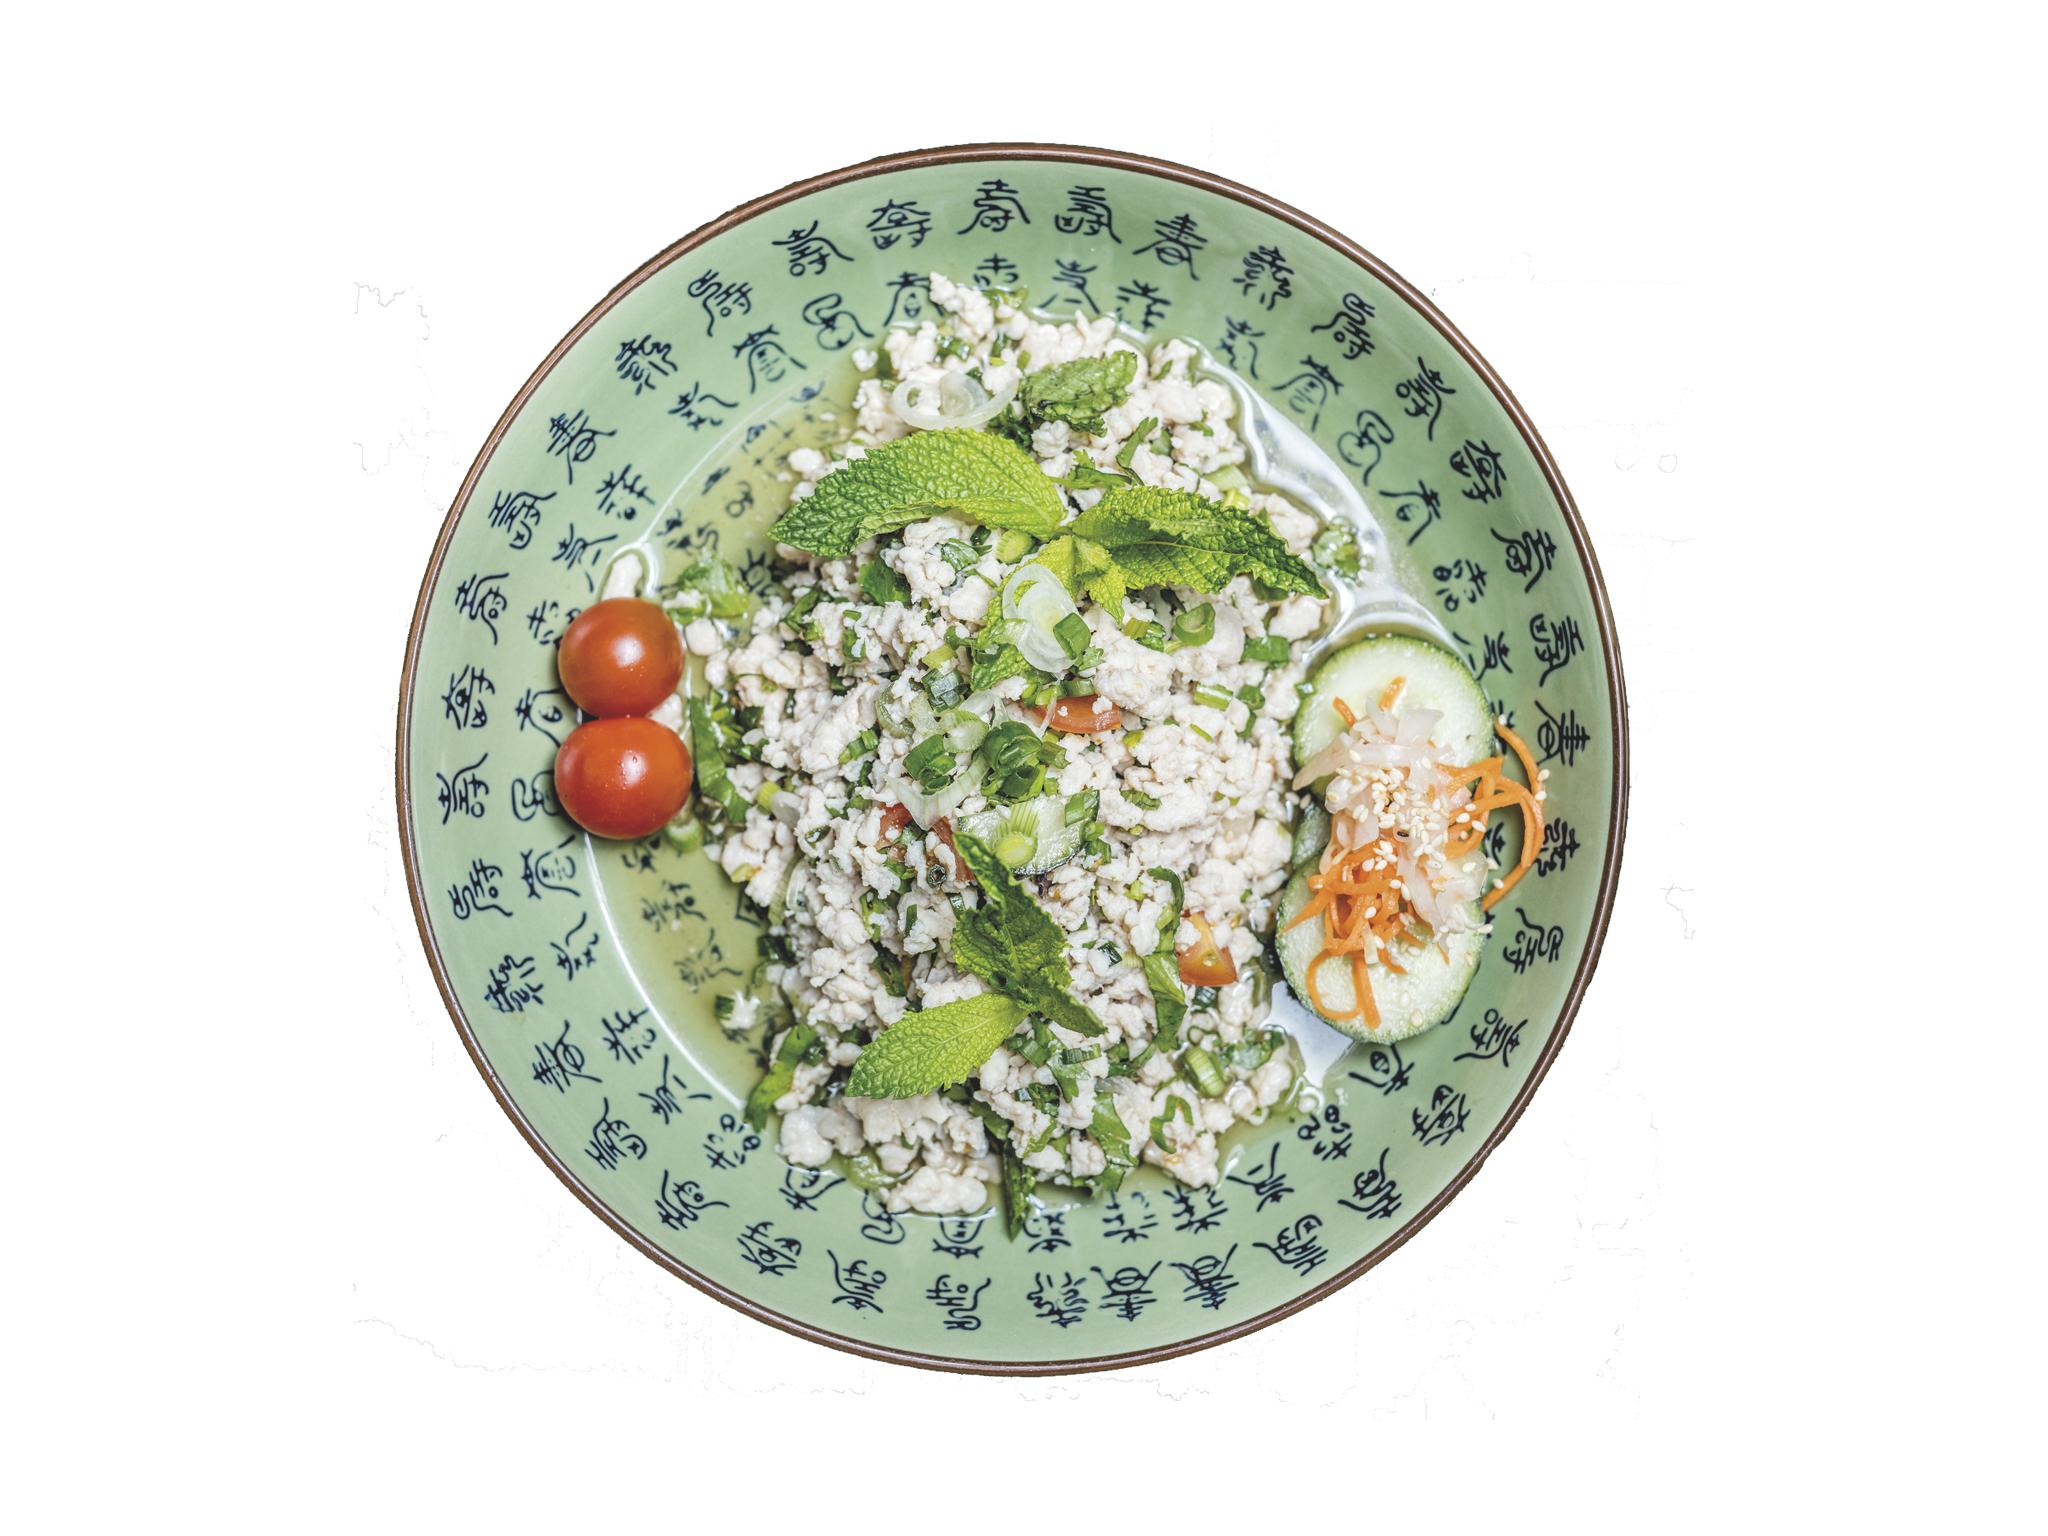 Laab gai de frango picado com ervas thai